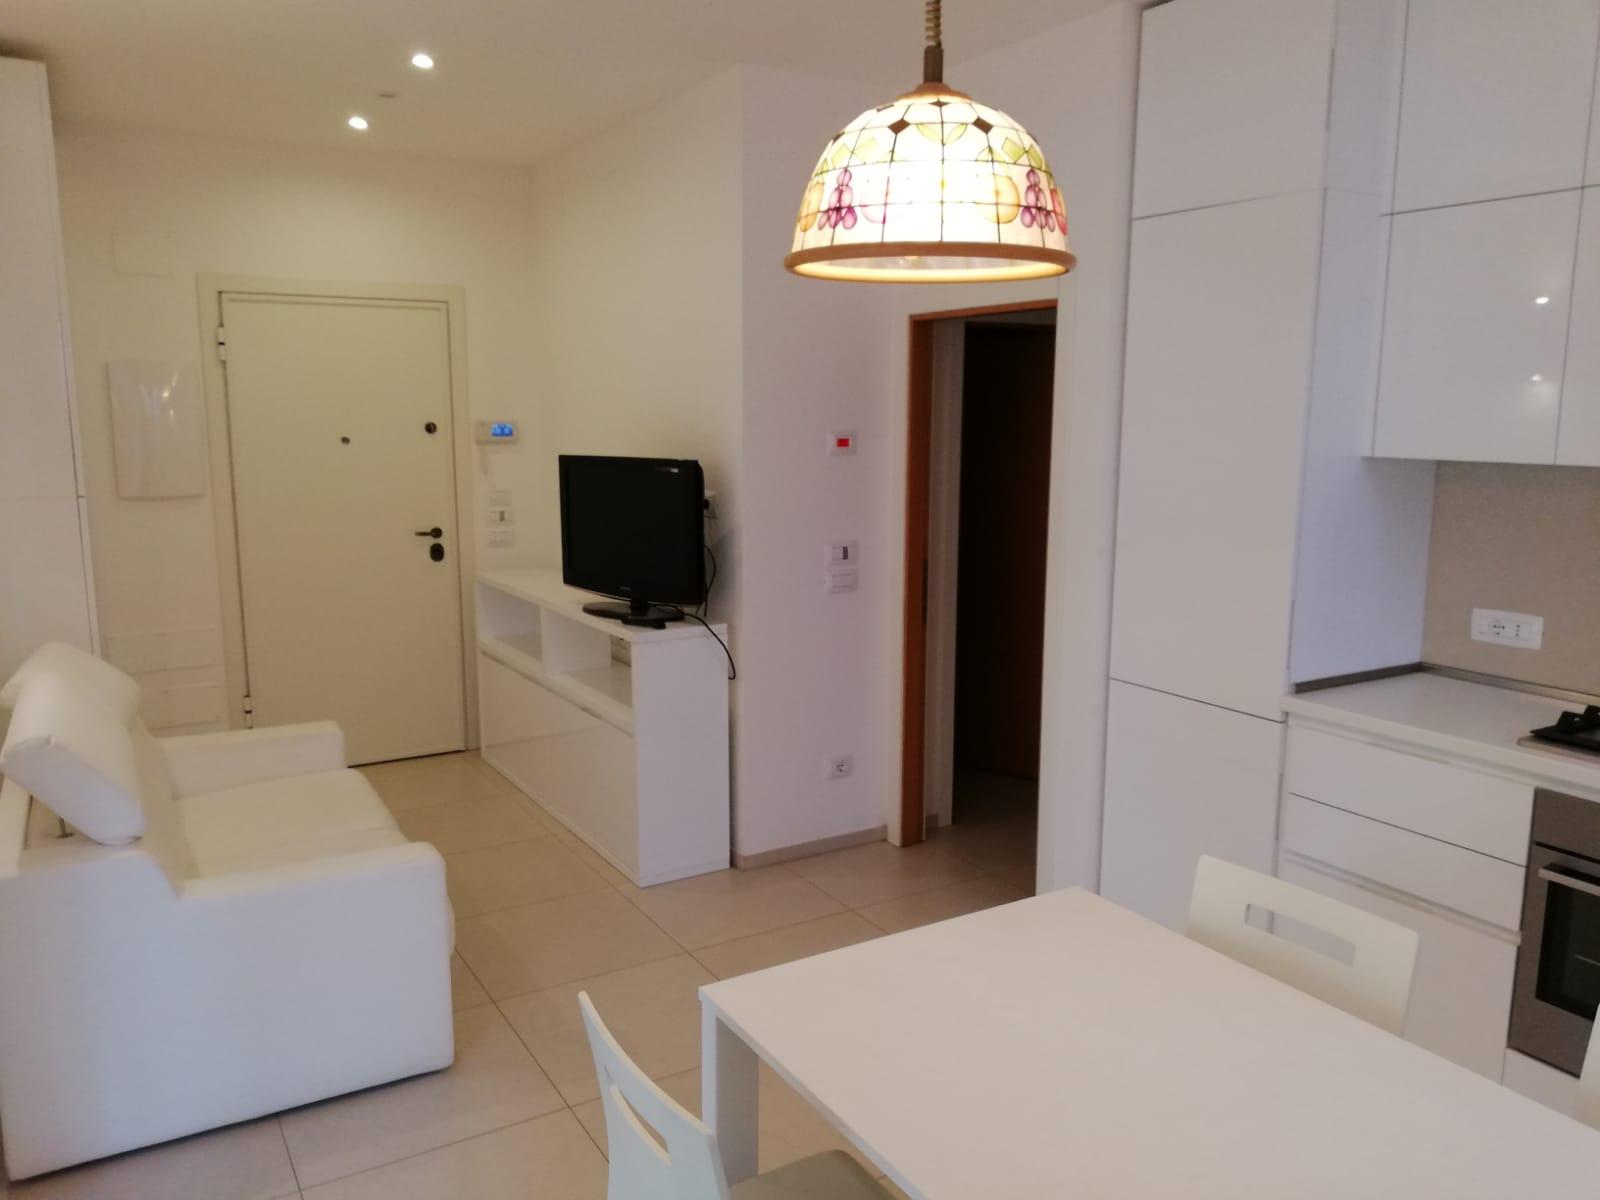 RICCIONE PARCO, Appartamento con due camere due bagni in affitto annuale